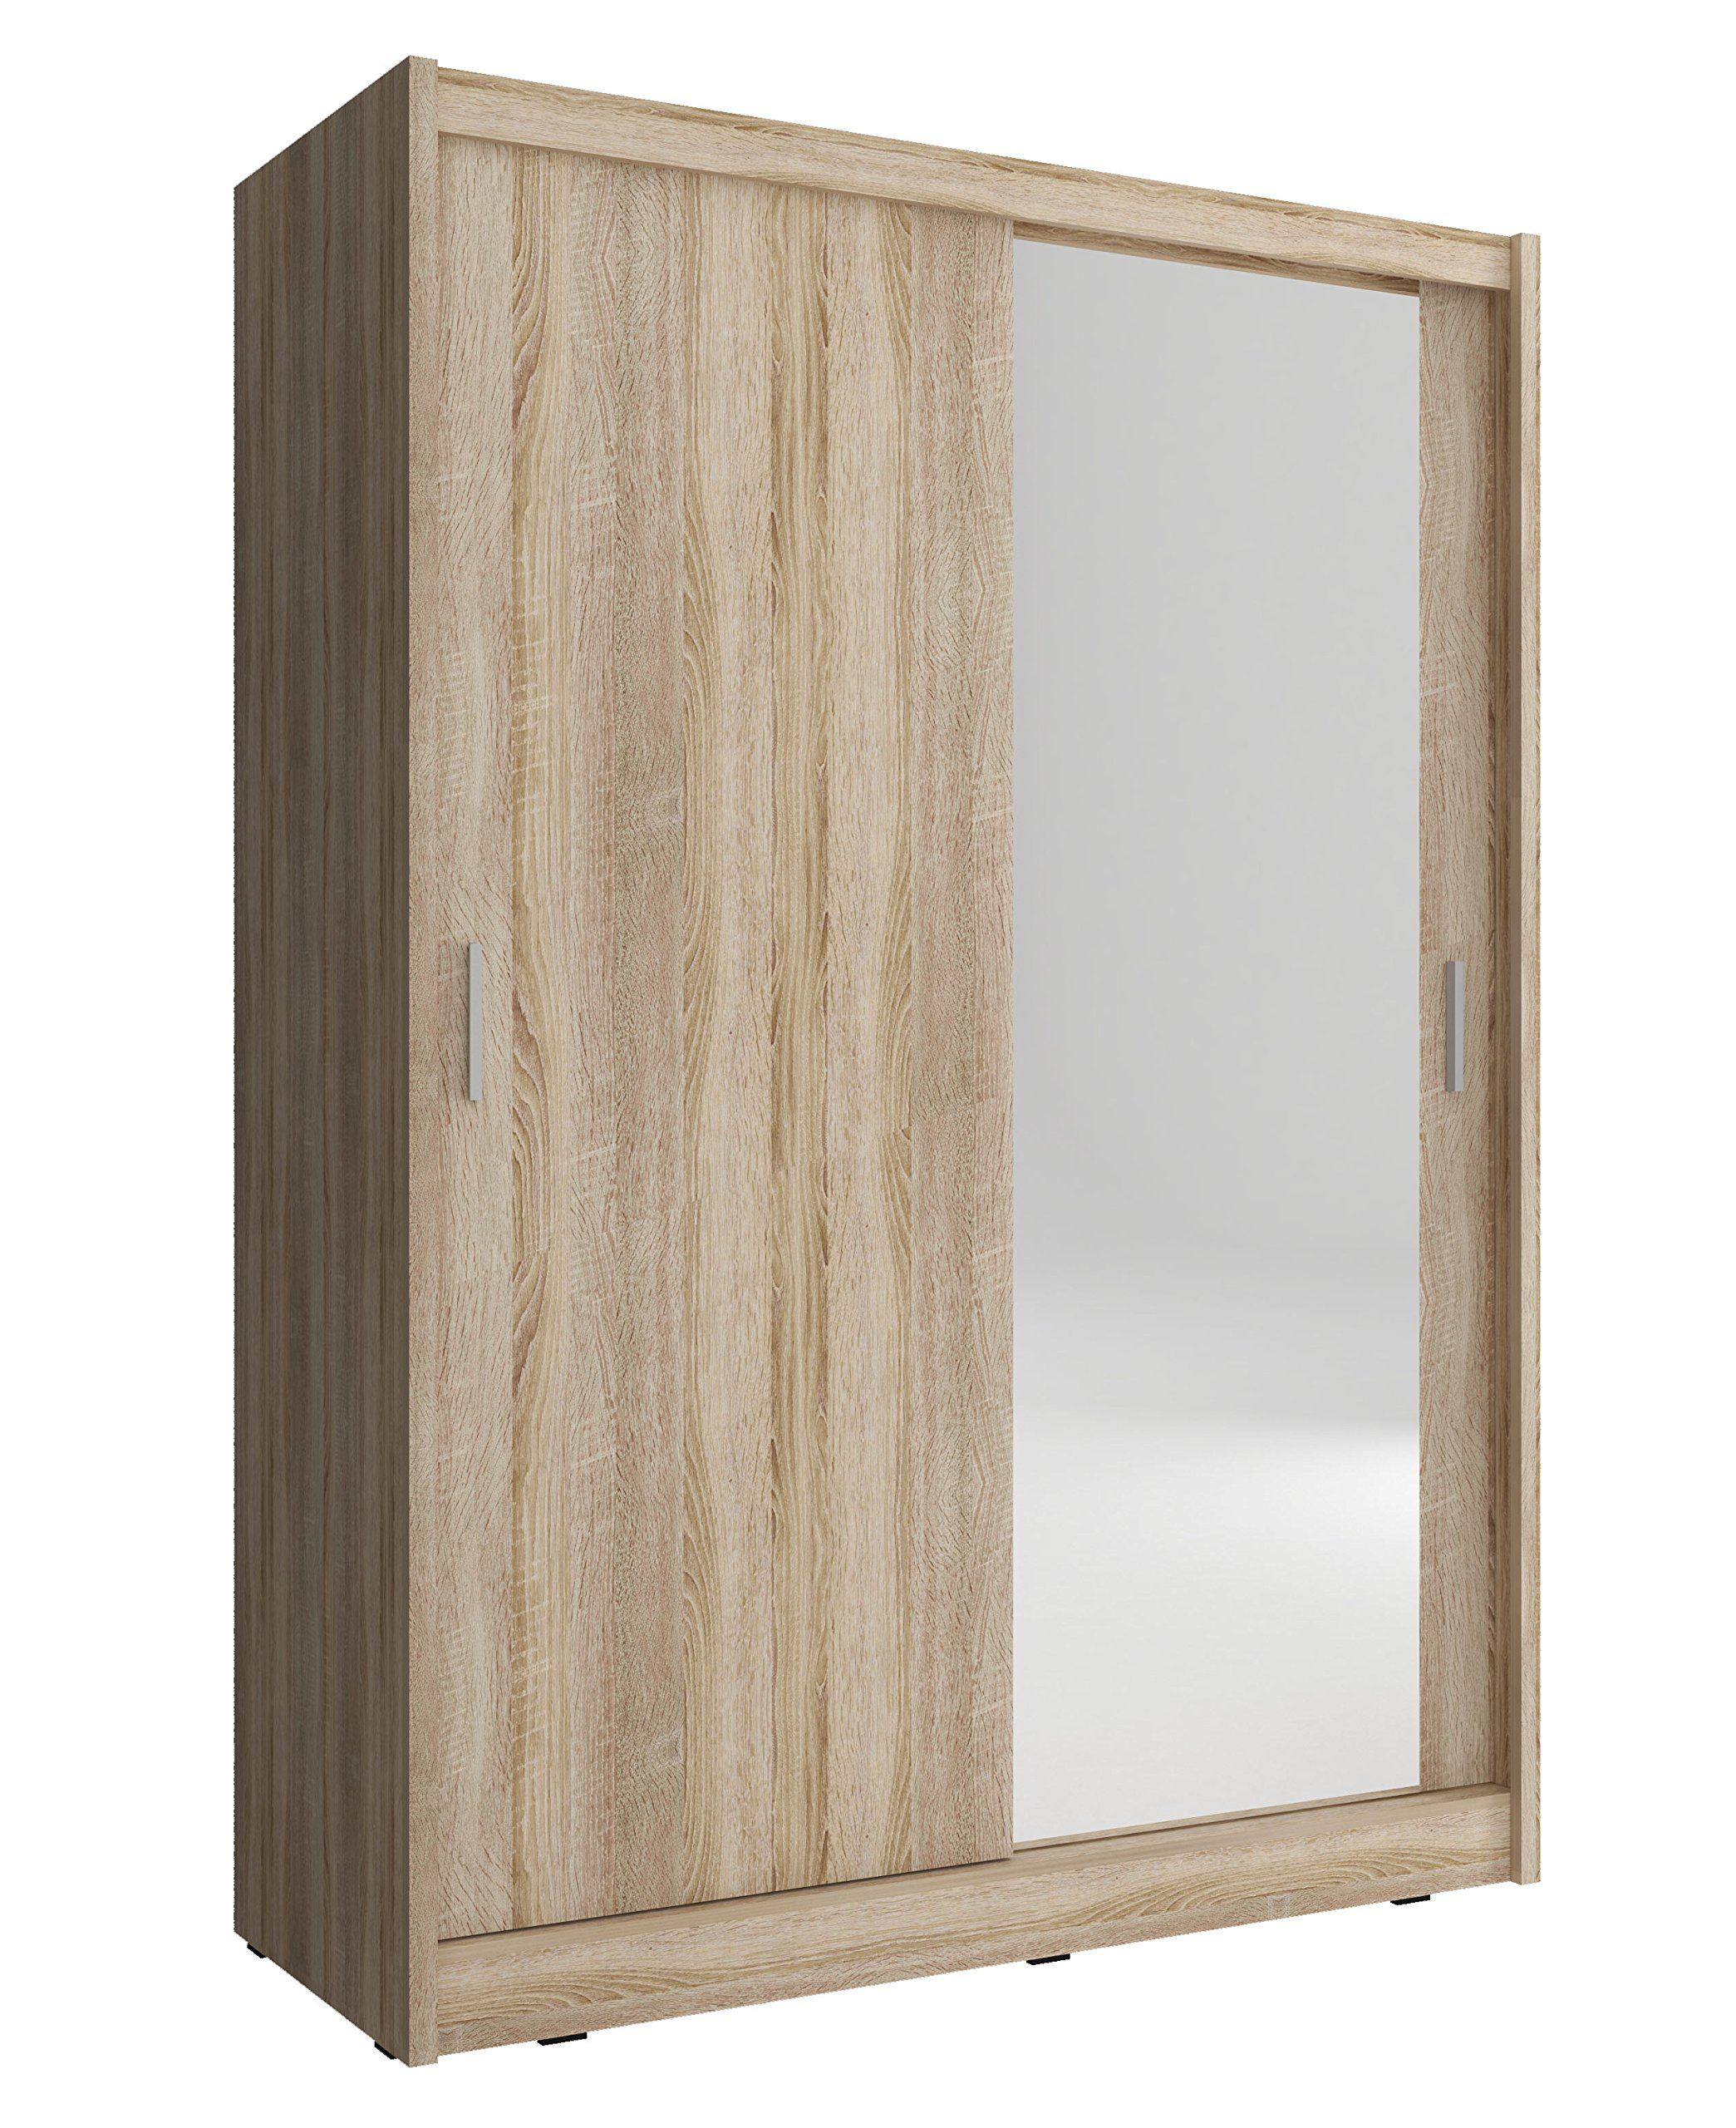 Armario de 2 puertas correderas, 130 cm de ancho, madera color maya, Sonoma: Amazon.es: Hogar